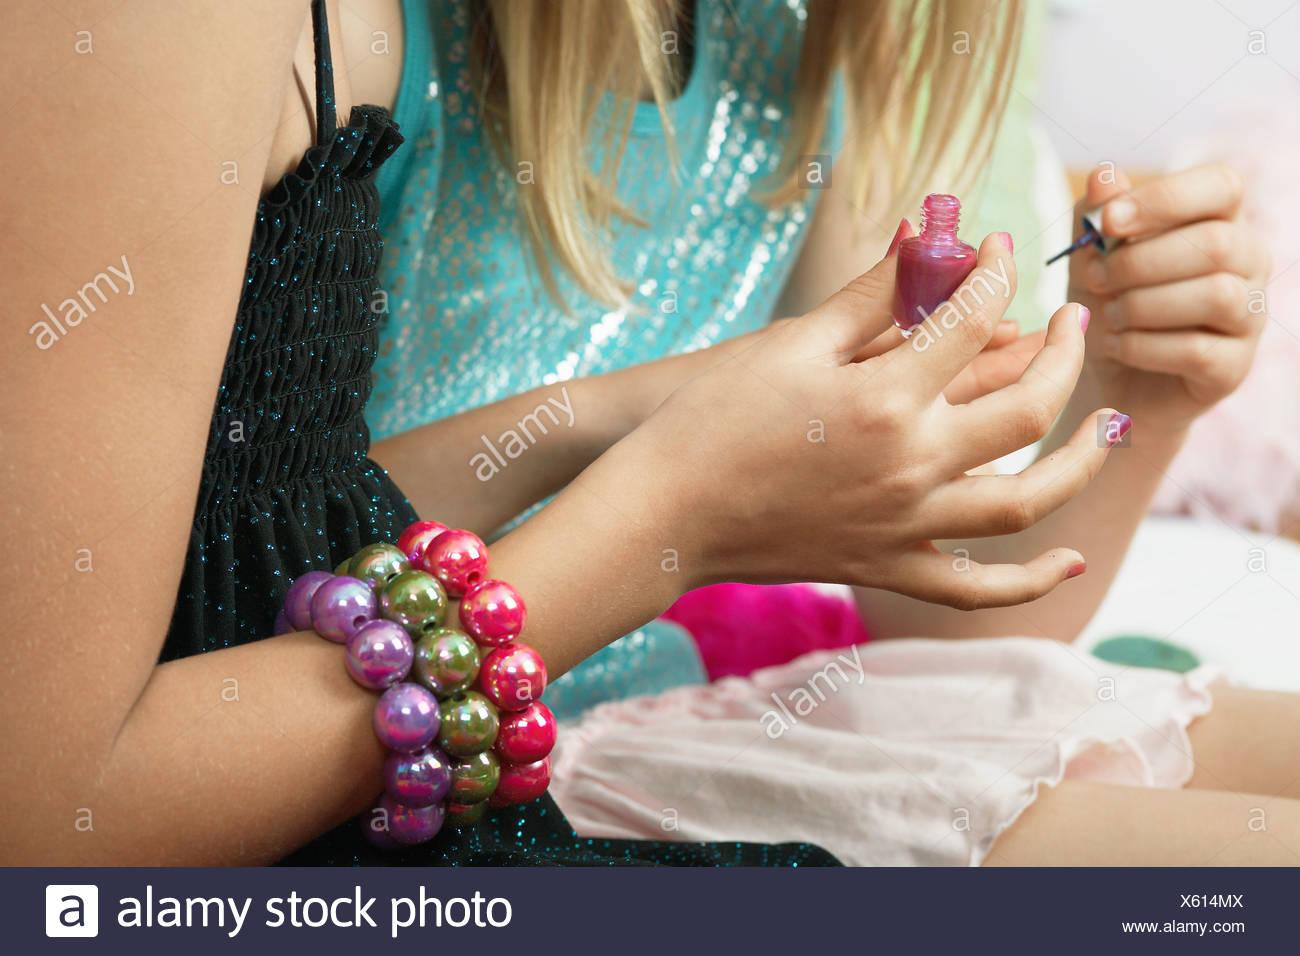 Junges Mädchen Anwendung Nagel Polieren an Freunde Fingernägel ...